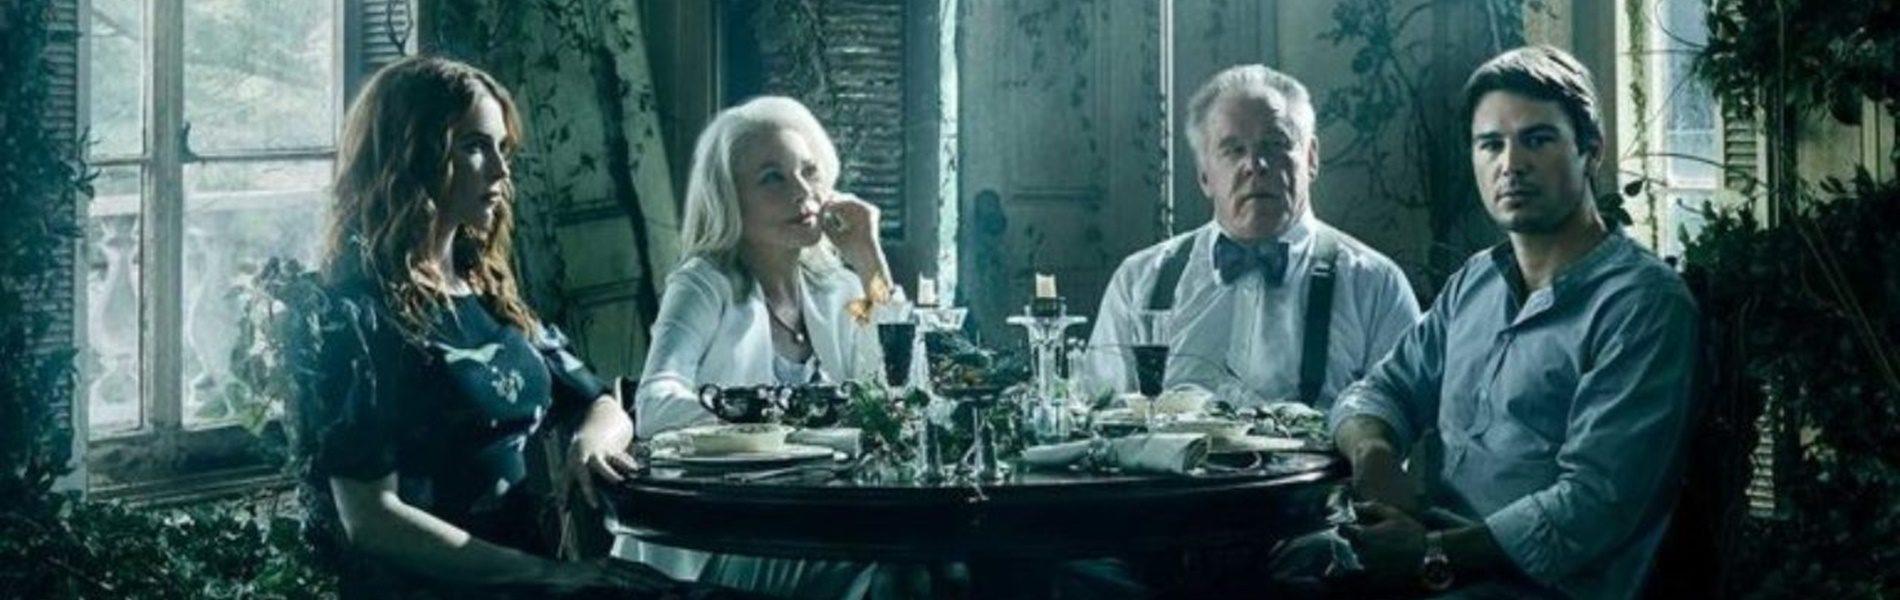 Előzetest kapott Josh Hartnett és Nick Nolte misztikus thrillere